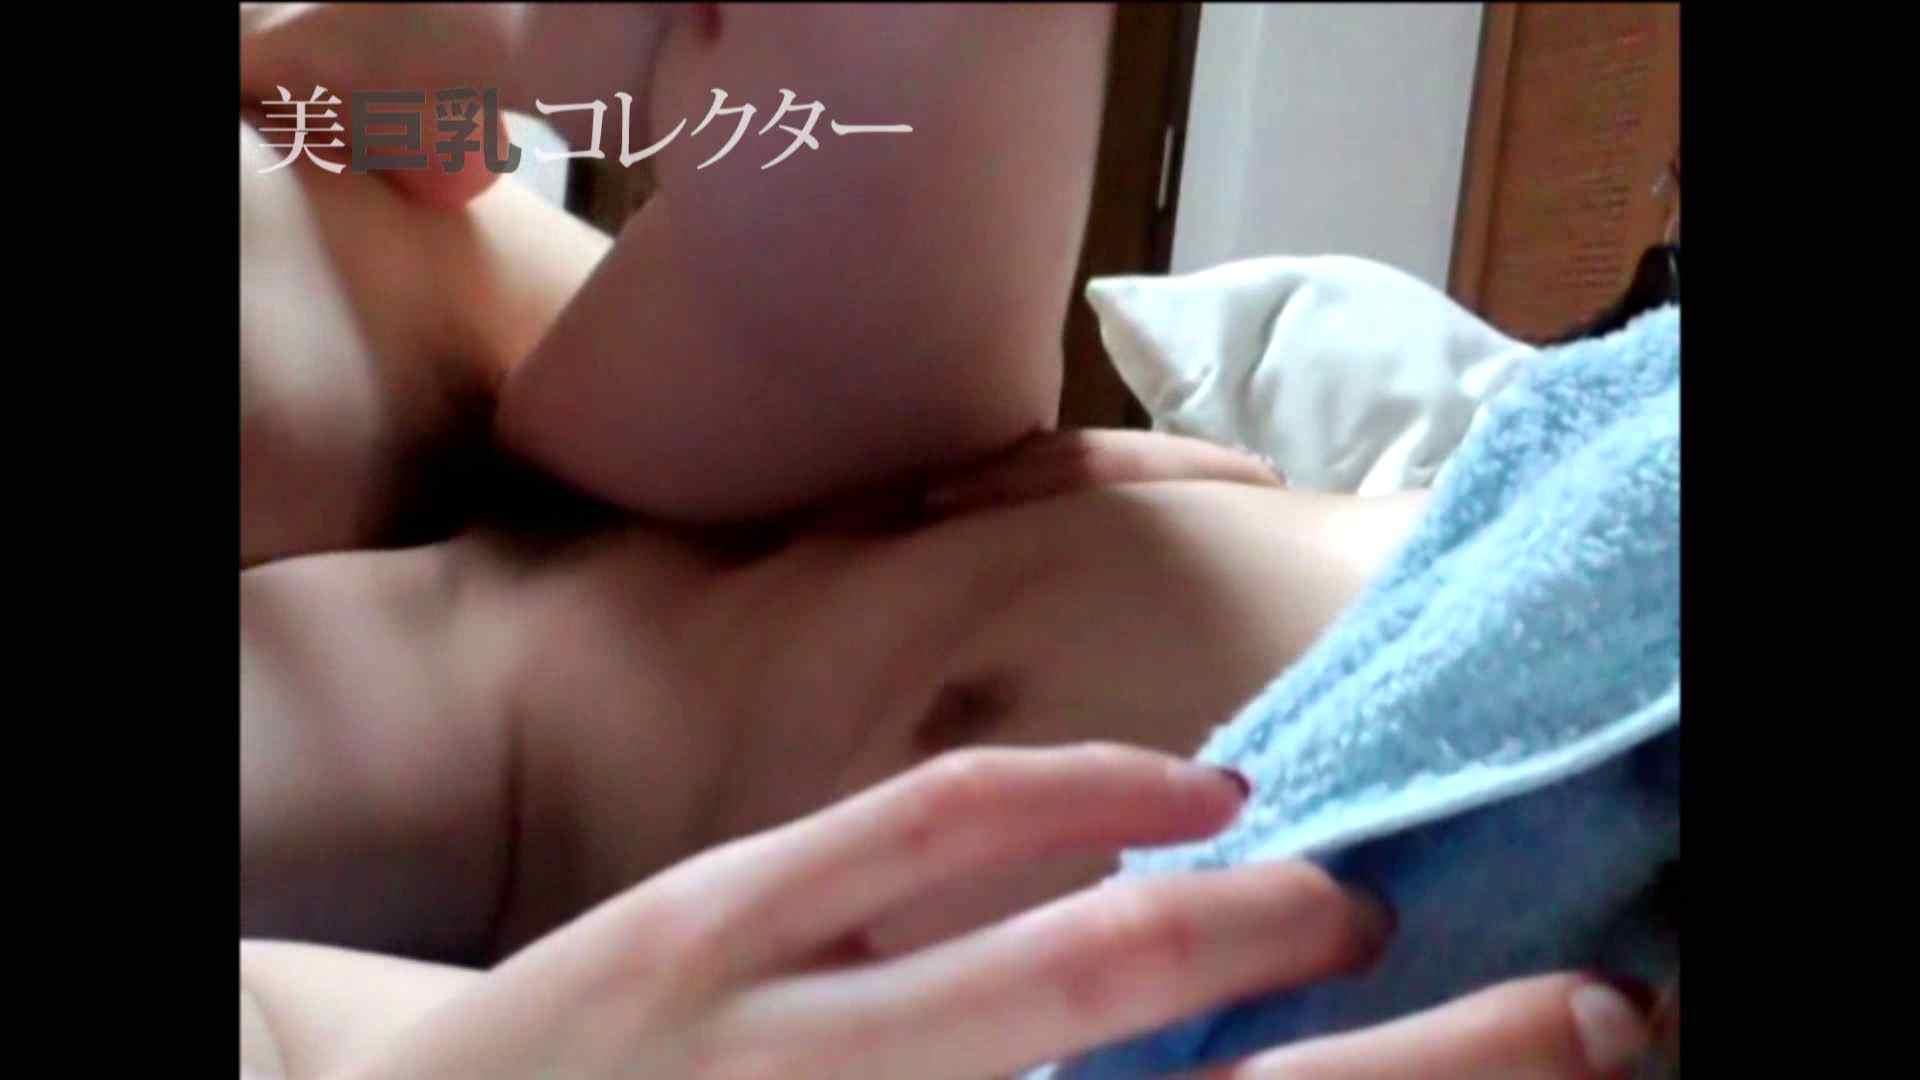 泥酔スレンダー巨乳美女3 一般投稿   巨乳に挟まれたい  112pic 37